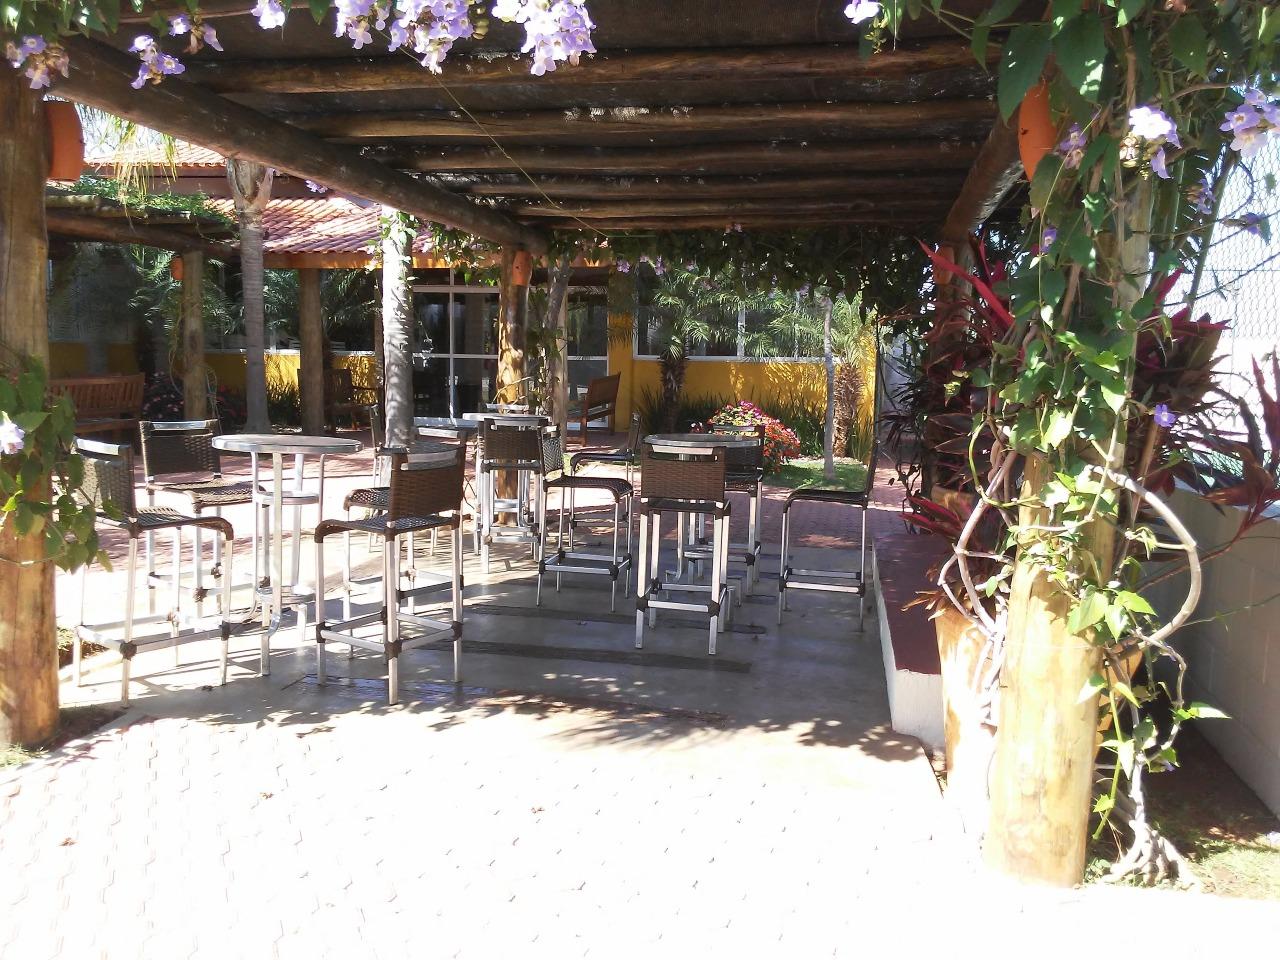 Fotos do Condomínio Parque do Varvito em ItuFotos do Condomínio Parque do Varvito em Itu